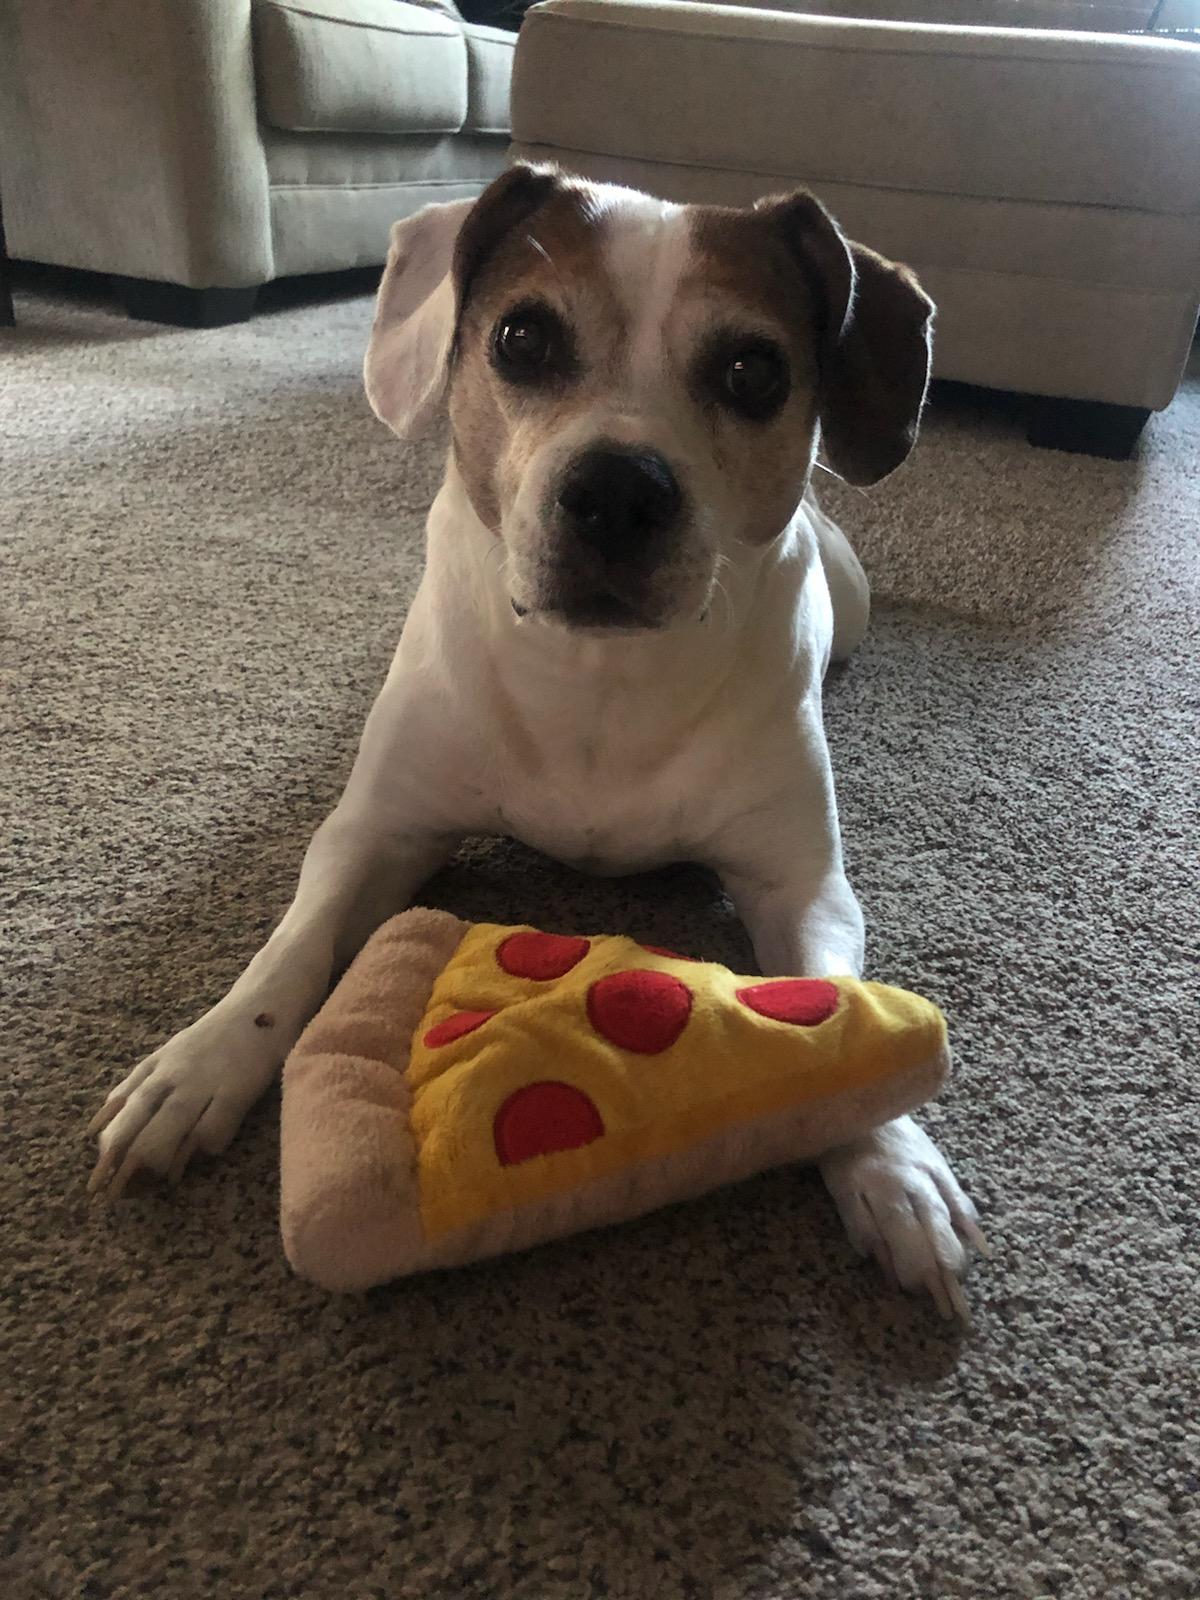 tyler.vavrik on One Bite Pizza App